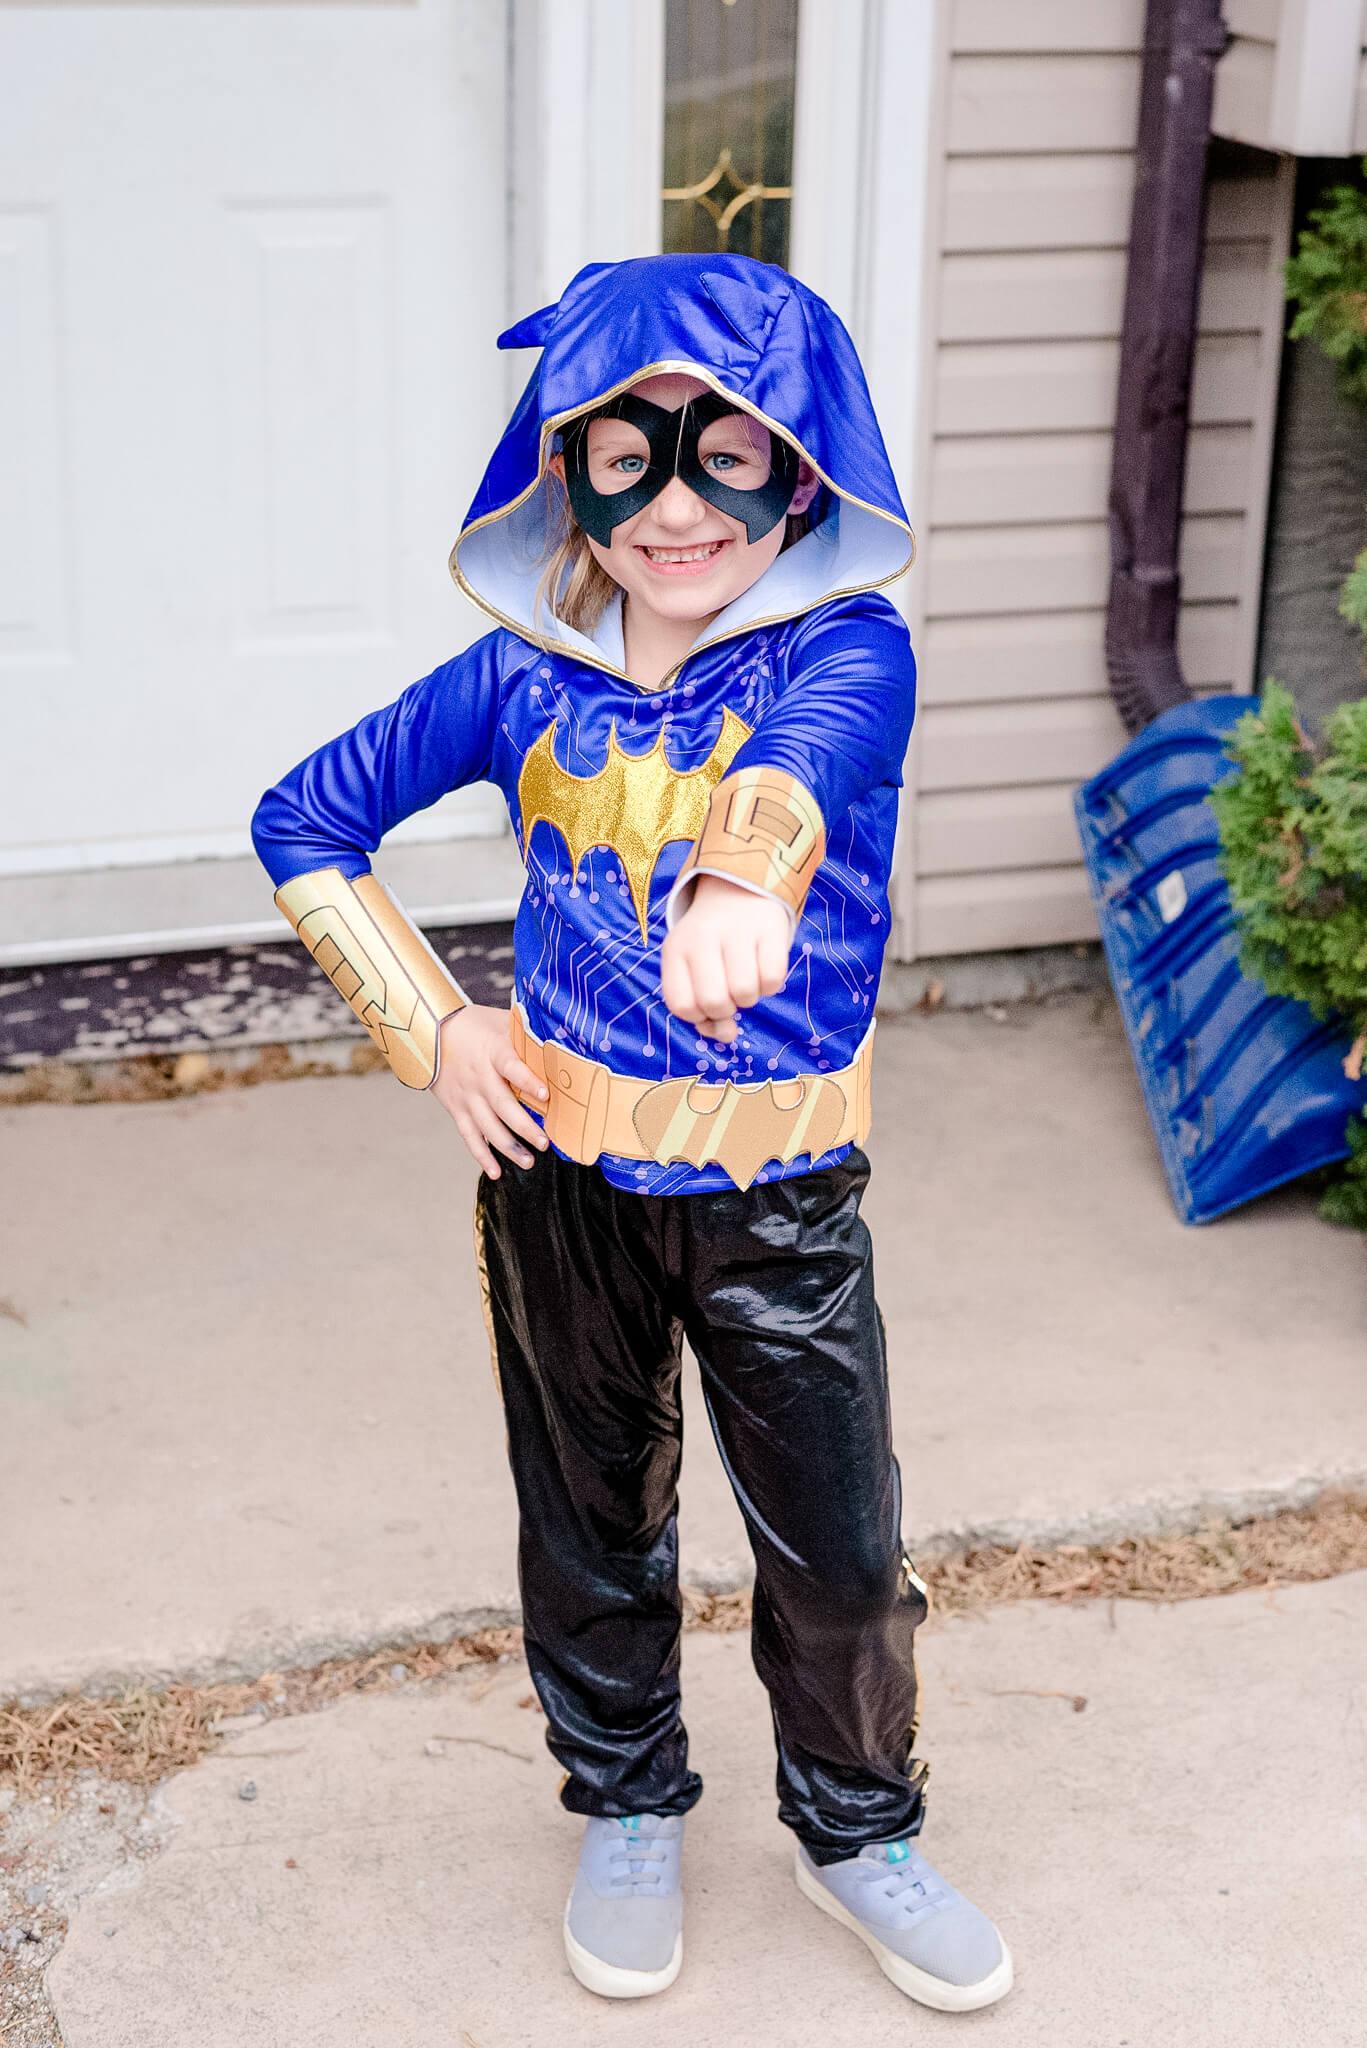 Girl dressed as Batgirl for Halloween